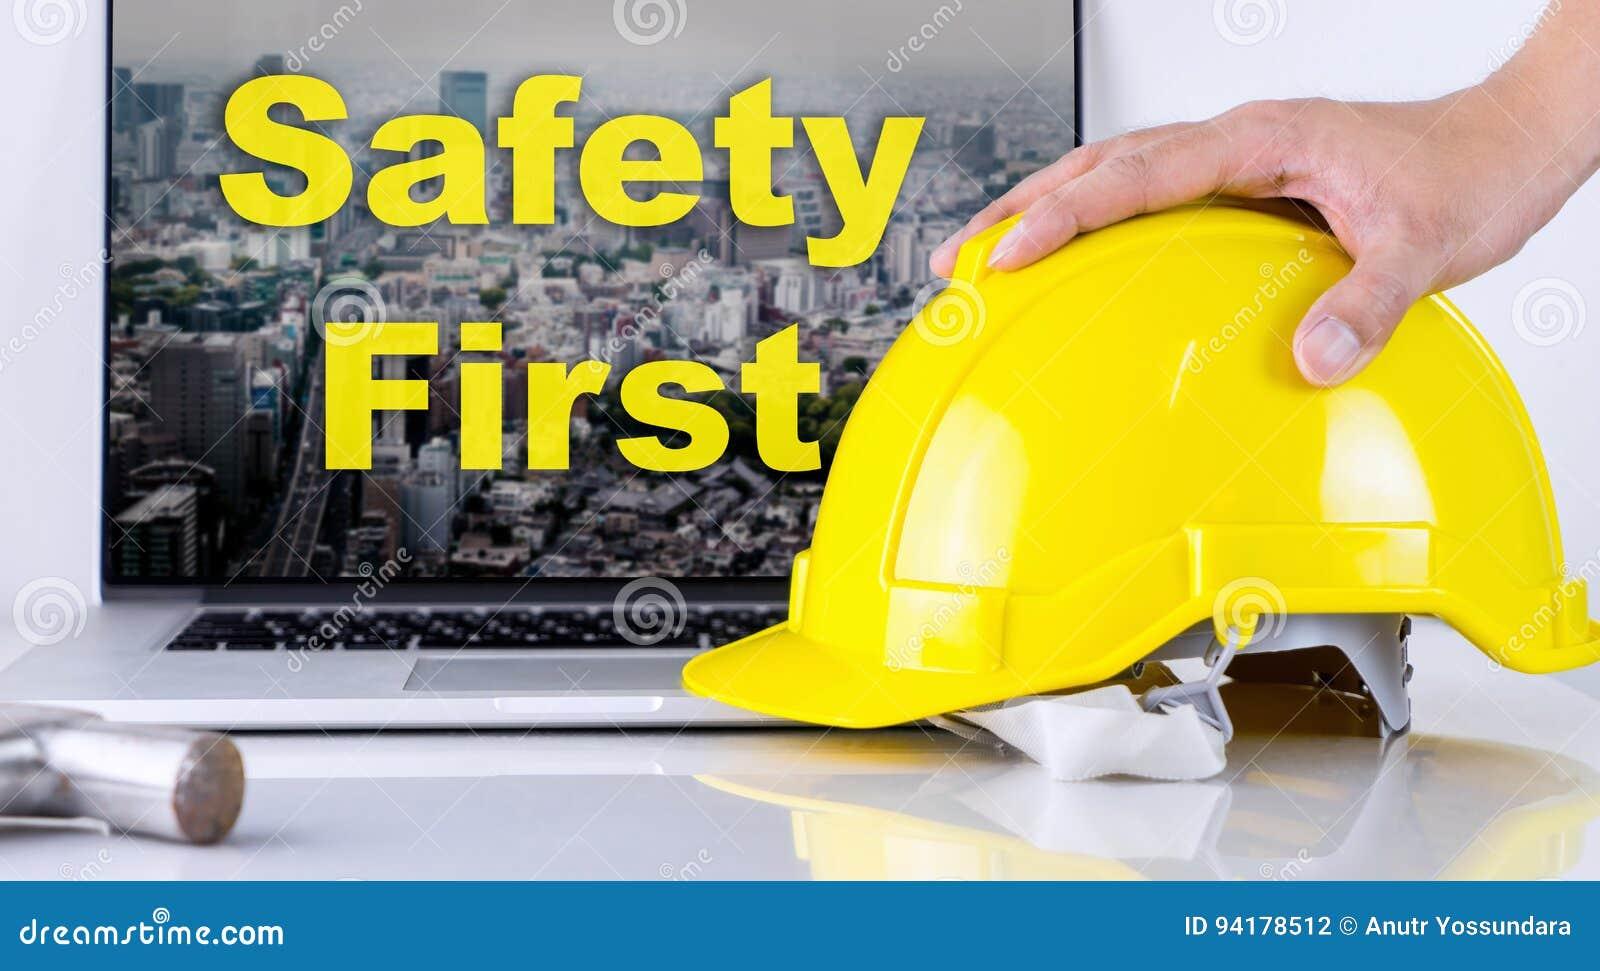 De ingenieur neemt eerst veiligheidshelm voor Veiligheid op